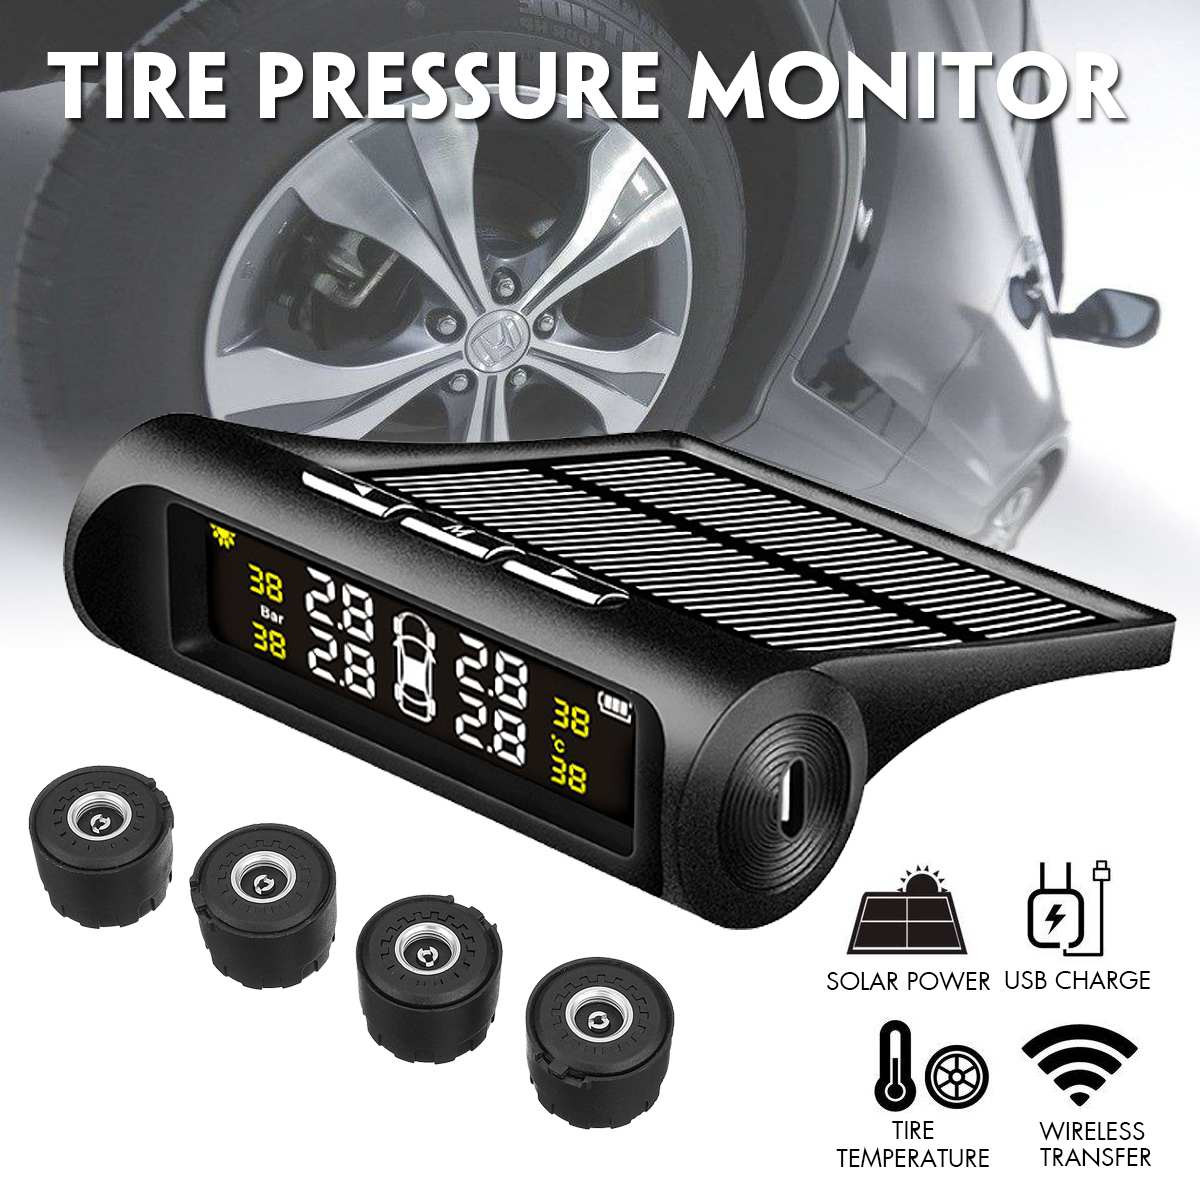 Voiture solaire sans fil TPMS pneu moniteur de pression des pneus système LCD + 4 capteur de voiture externe pour voiture camion étanche IP67 moniteur